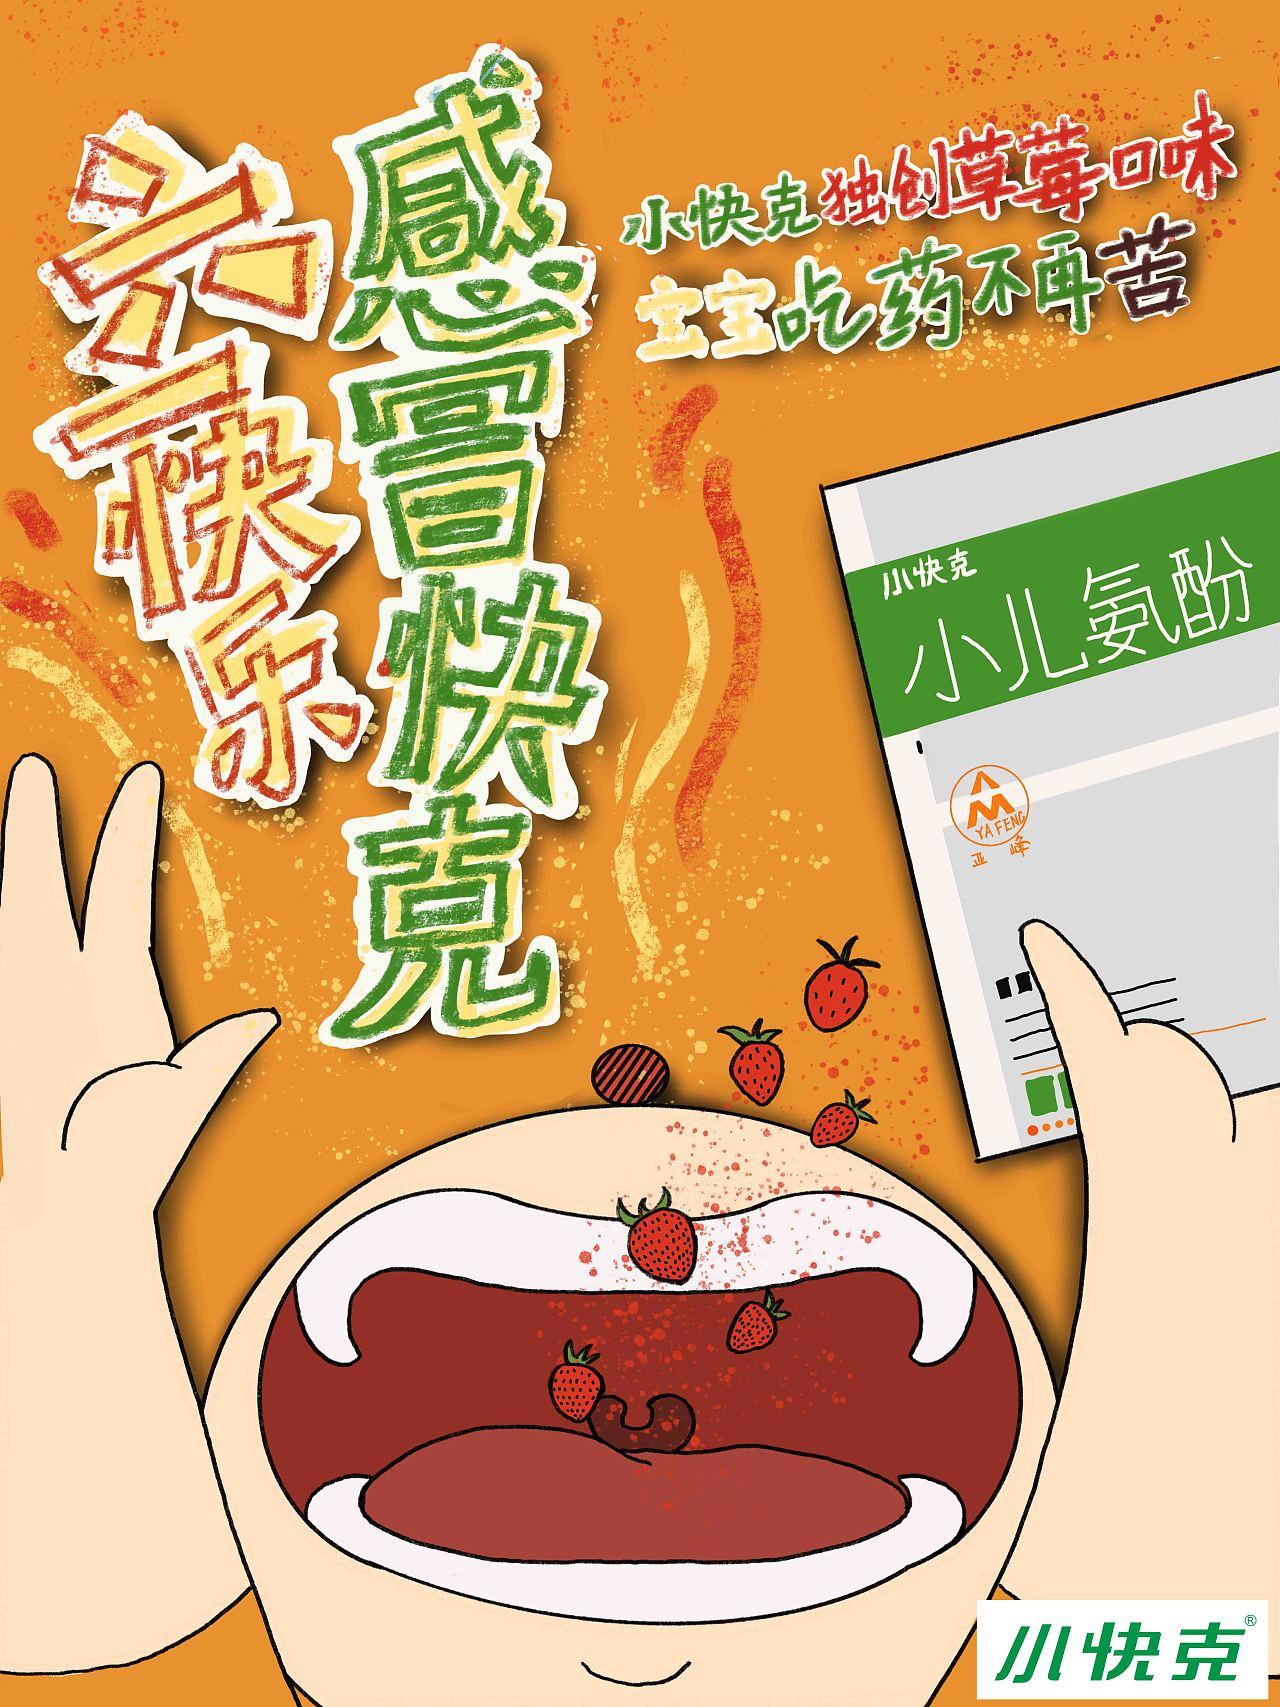 小快克_小快克节日主题海报 平面 海报 SunXuion - 原创作品 - 站酷 (ZCOOL)